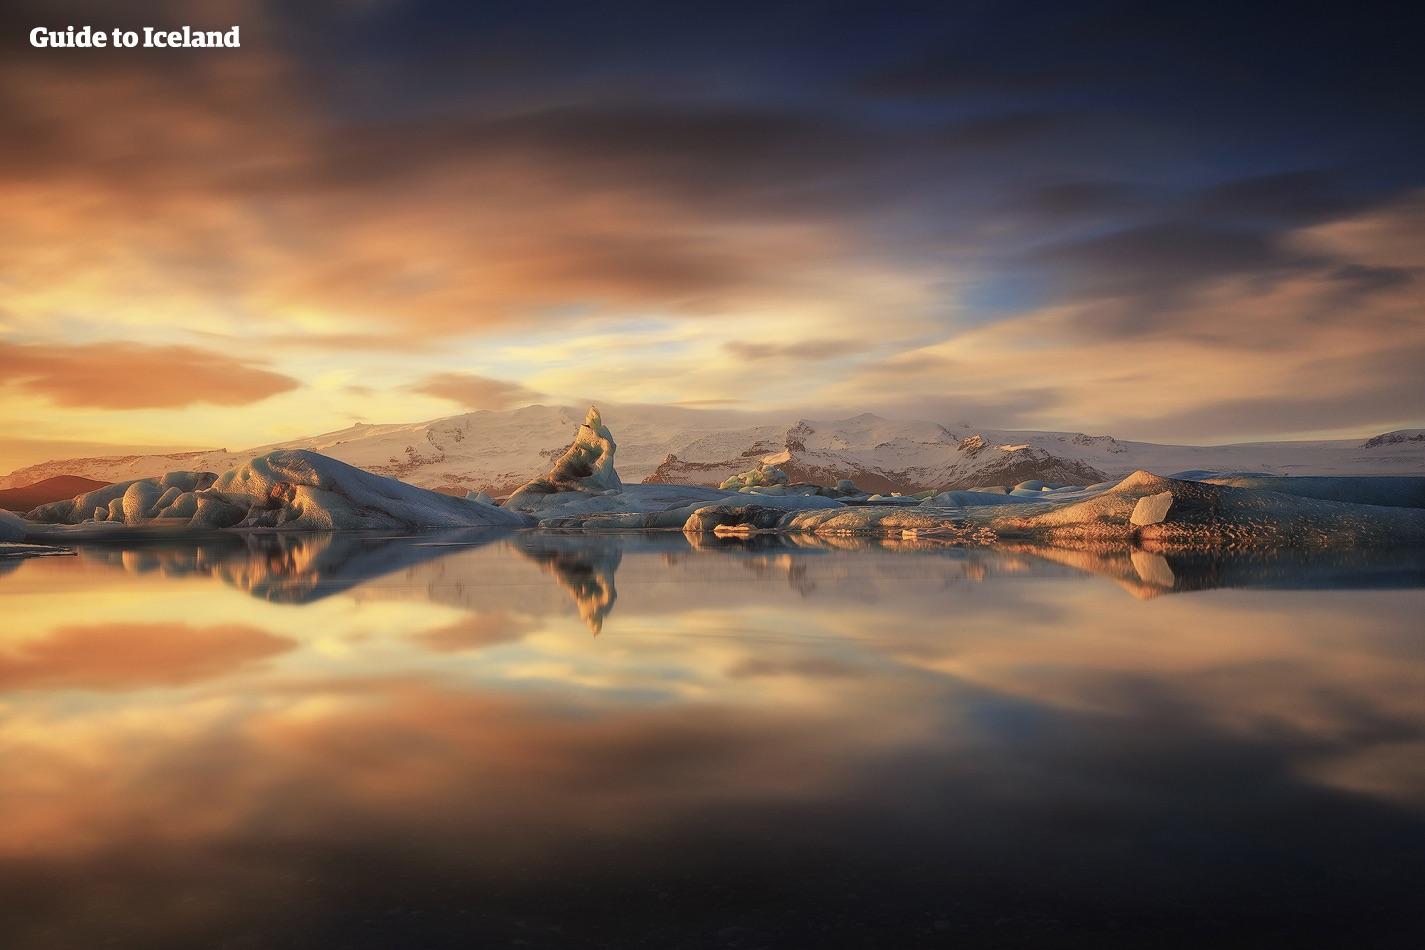 杰古沙龙冰河湖是很多人心目中的冰岛第一景